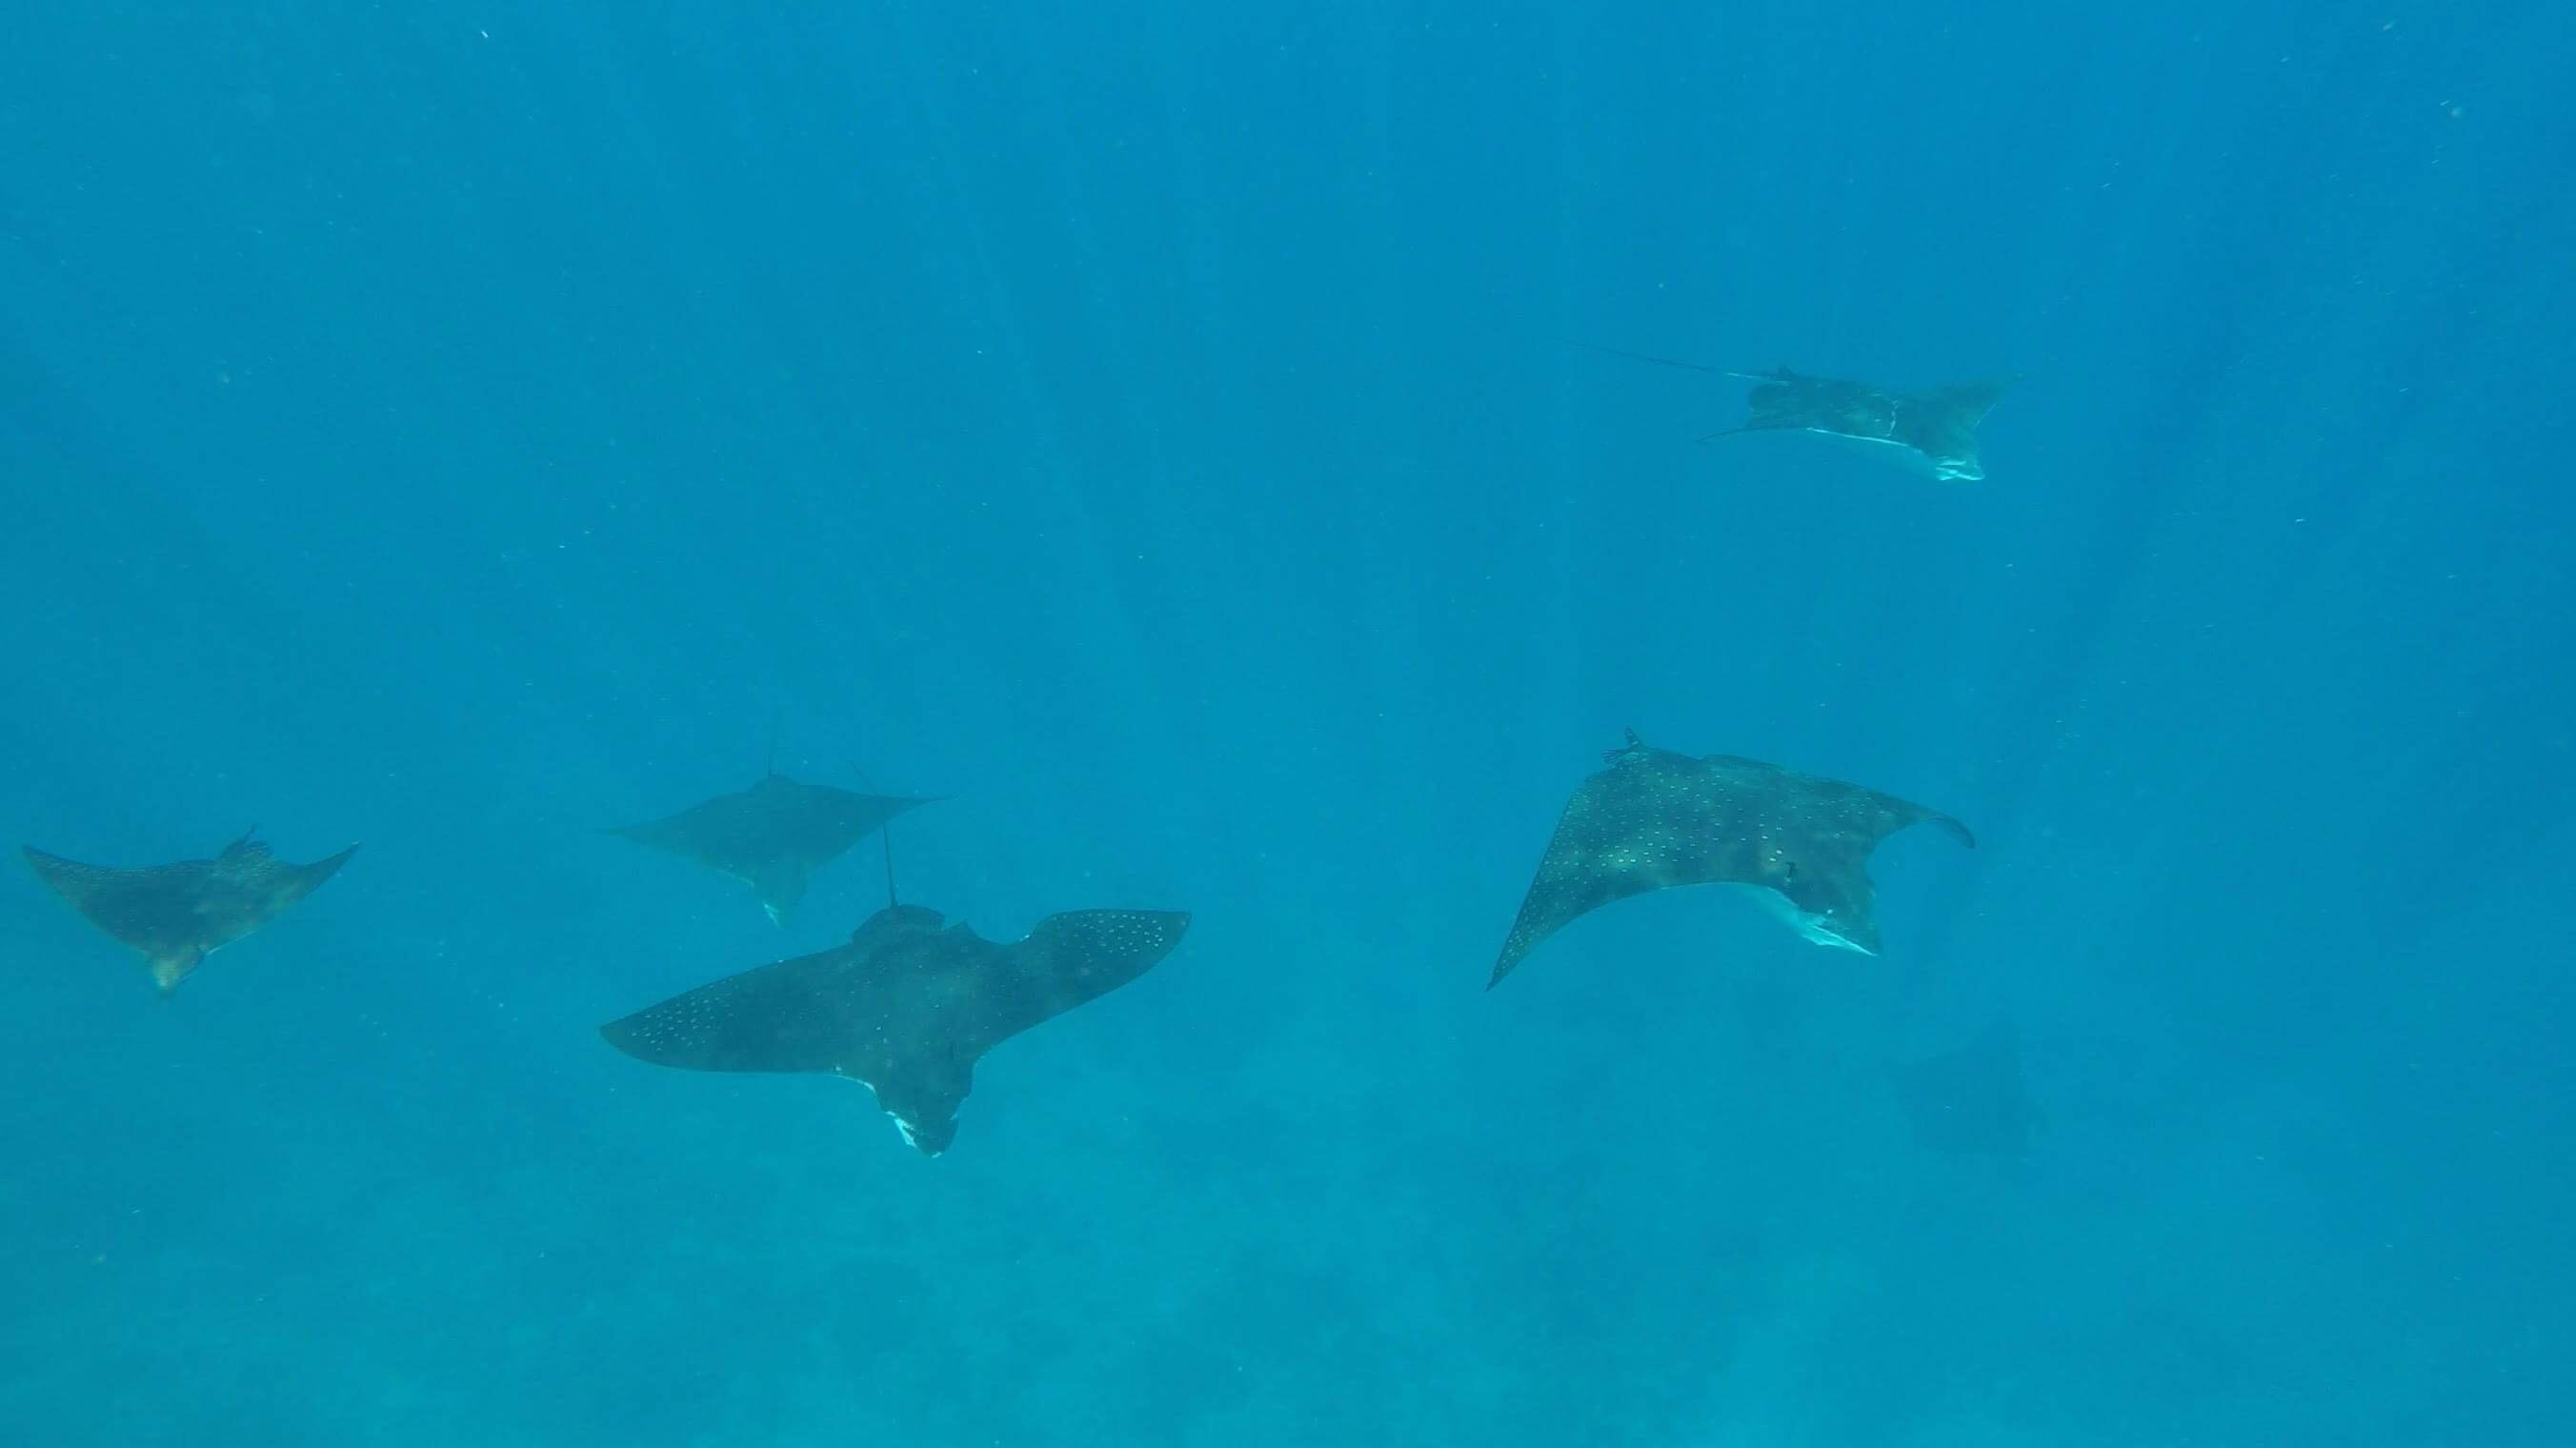 Koru snorkel the Great Barrier Reef!